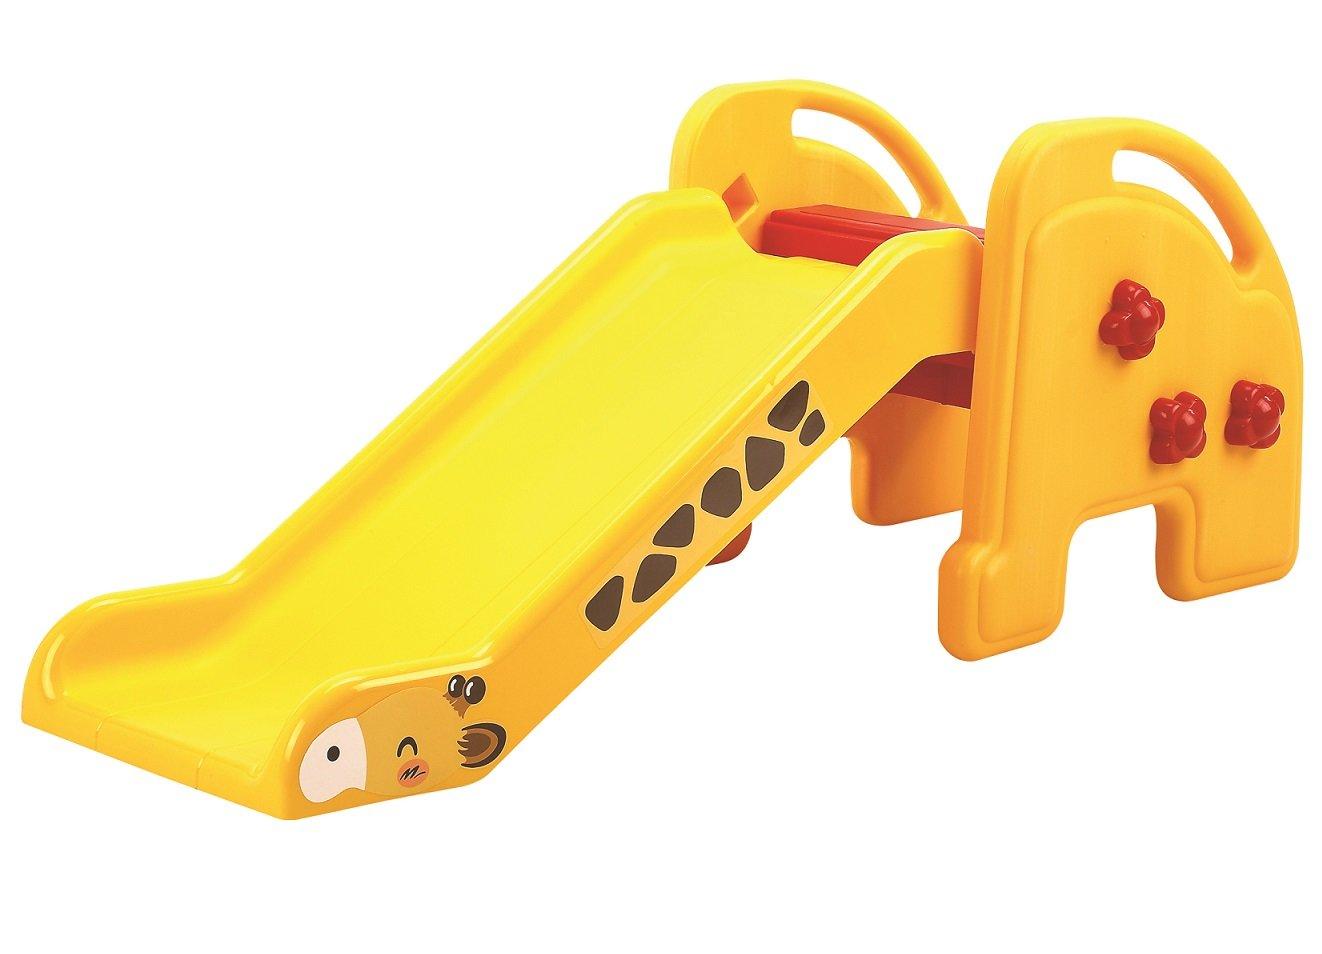 Купить QIAOQIAO Детская горка Жираф , цвет: желтый, Желтый, пластик, Китай, Игровые и спортивные комплексы и горки